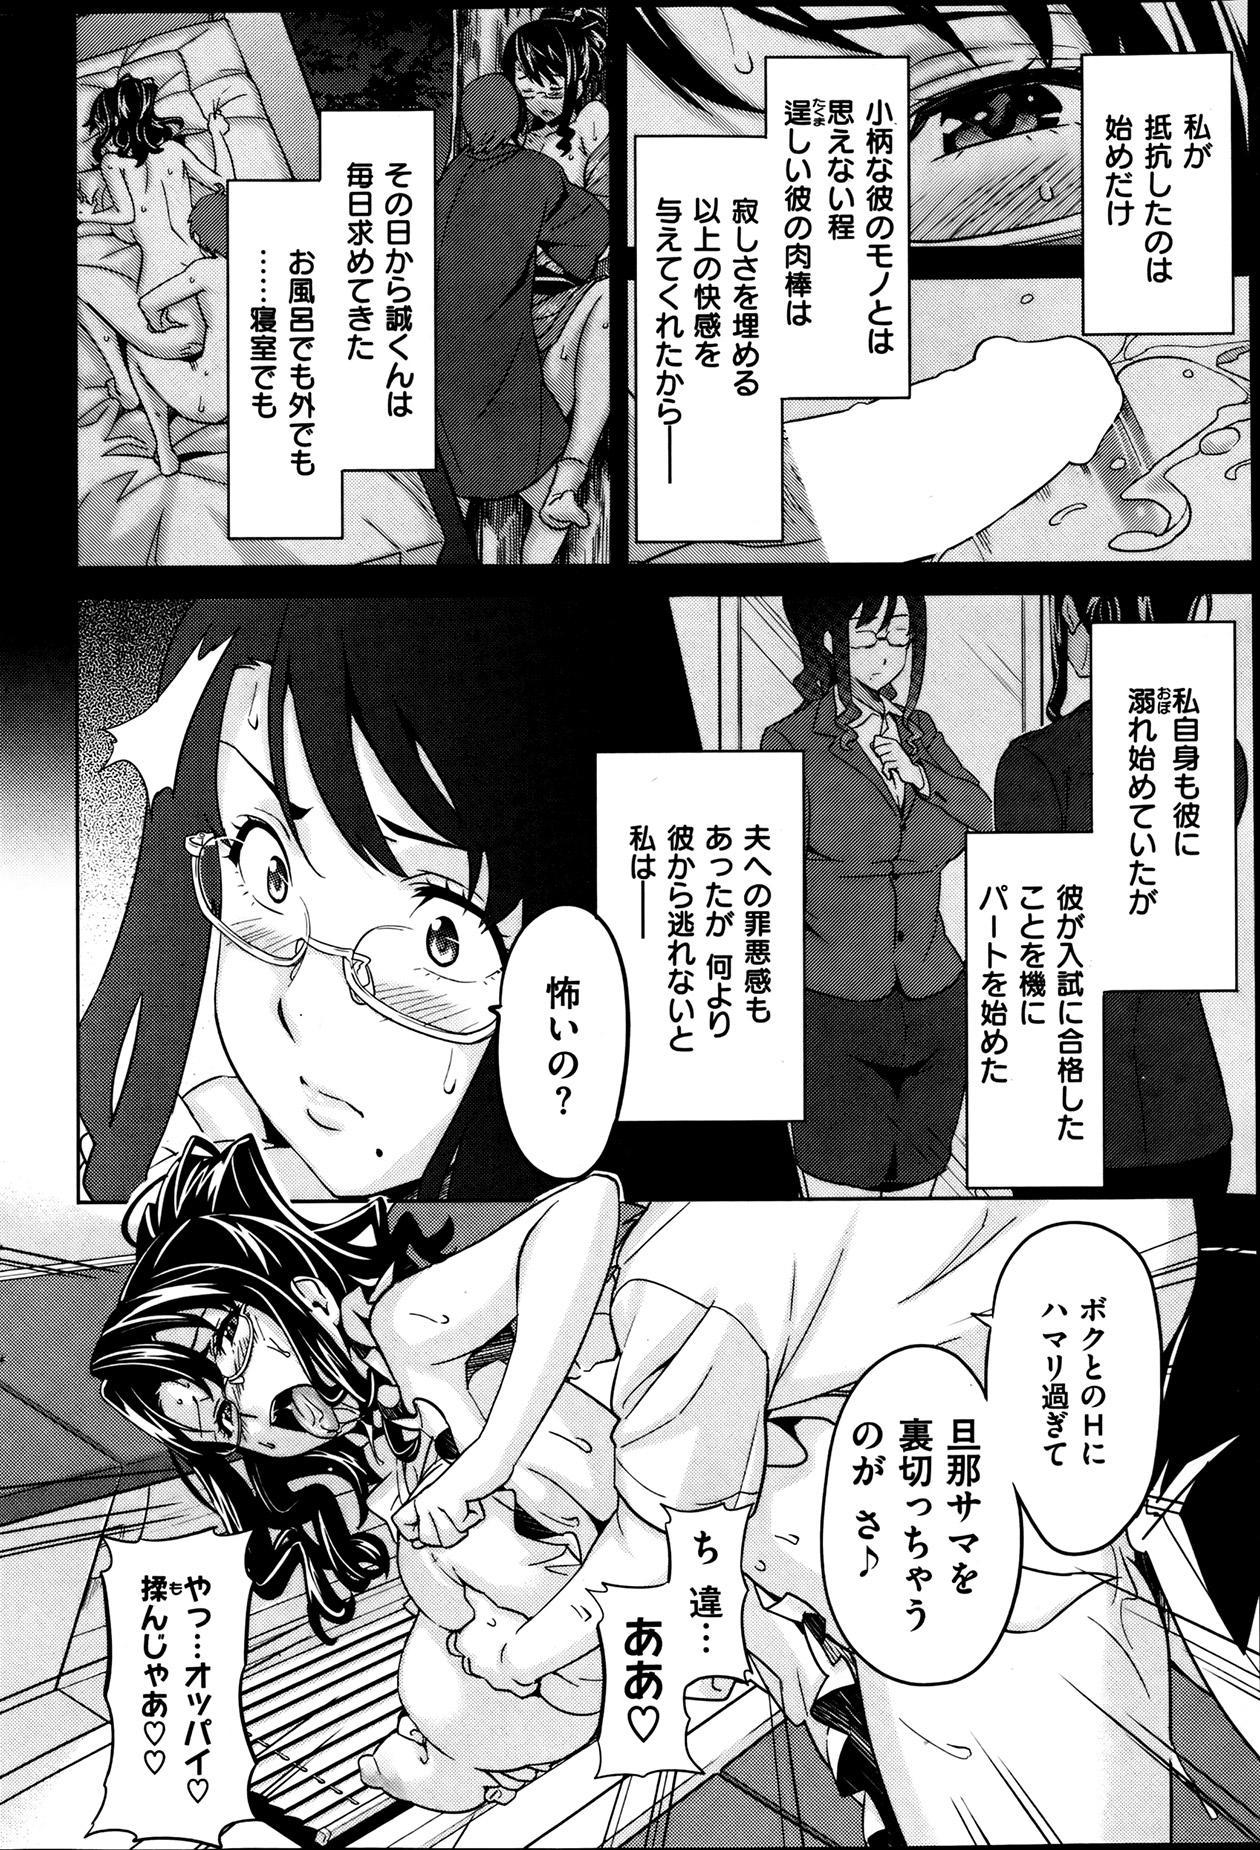 COMIC HANA-MAN 2013-08 Takeda Hiromitsu Tokushuu 59